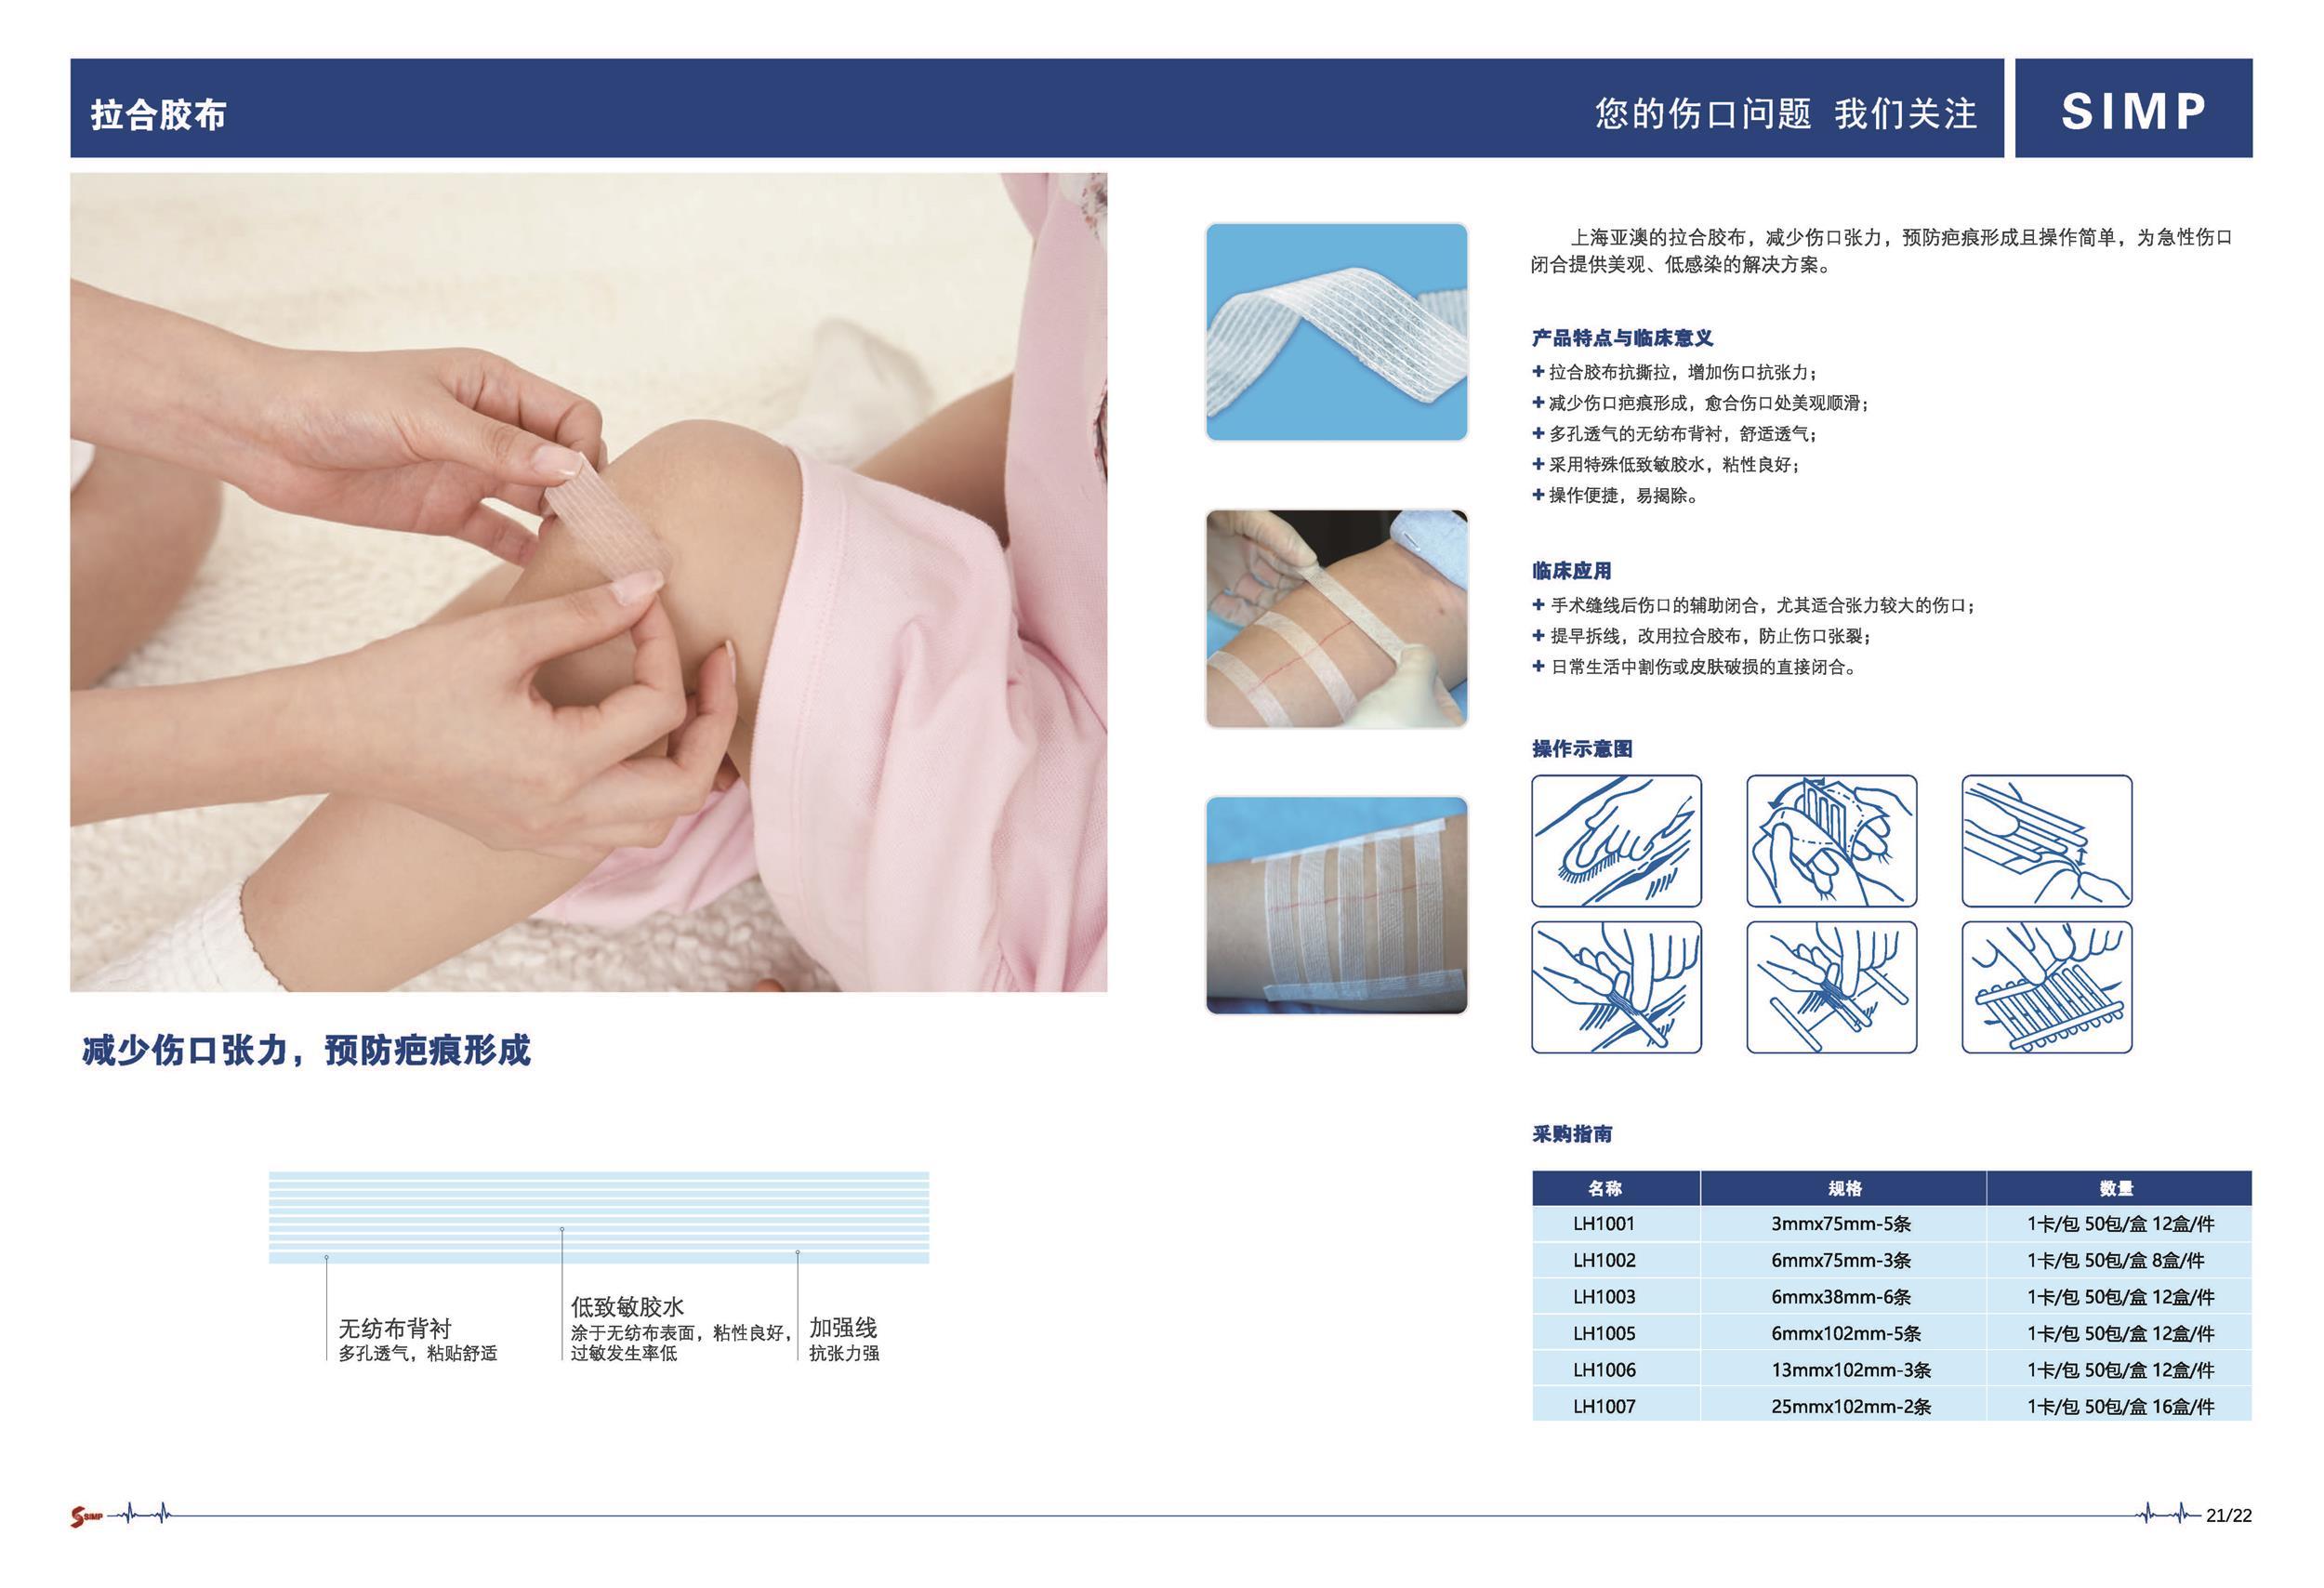 上海亚澳含碘手术薄膜,拉合胶布市场推广活动